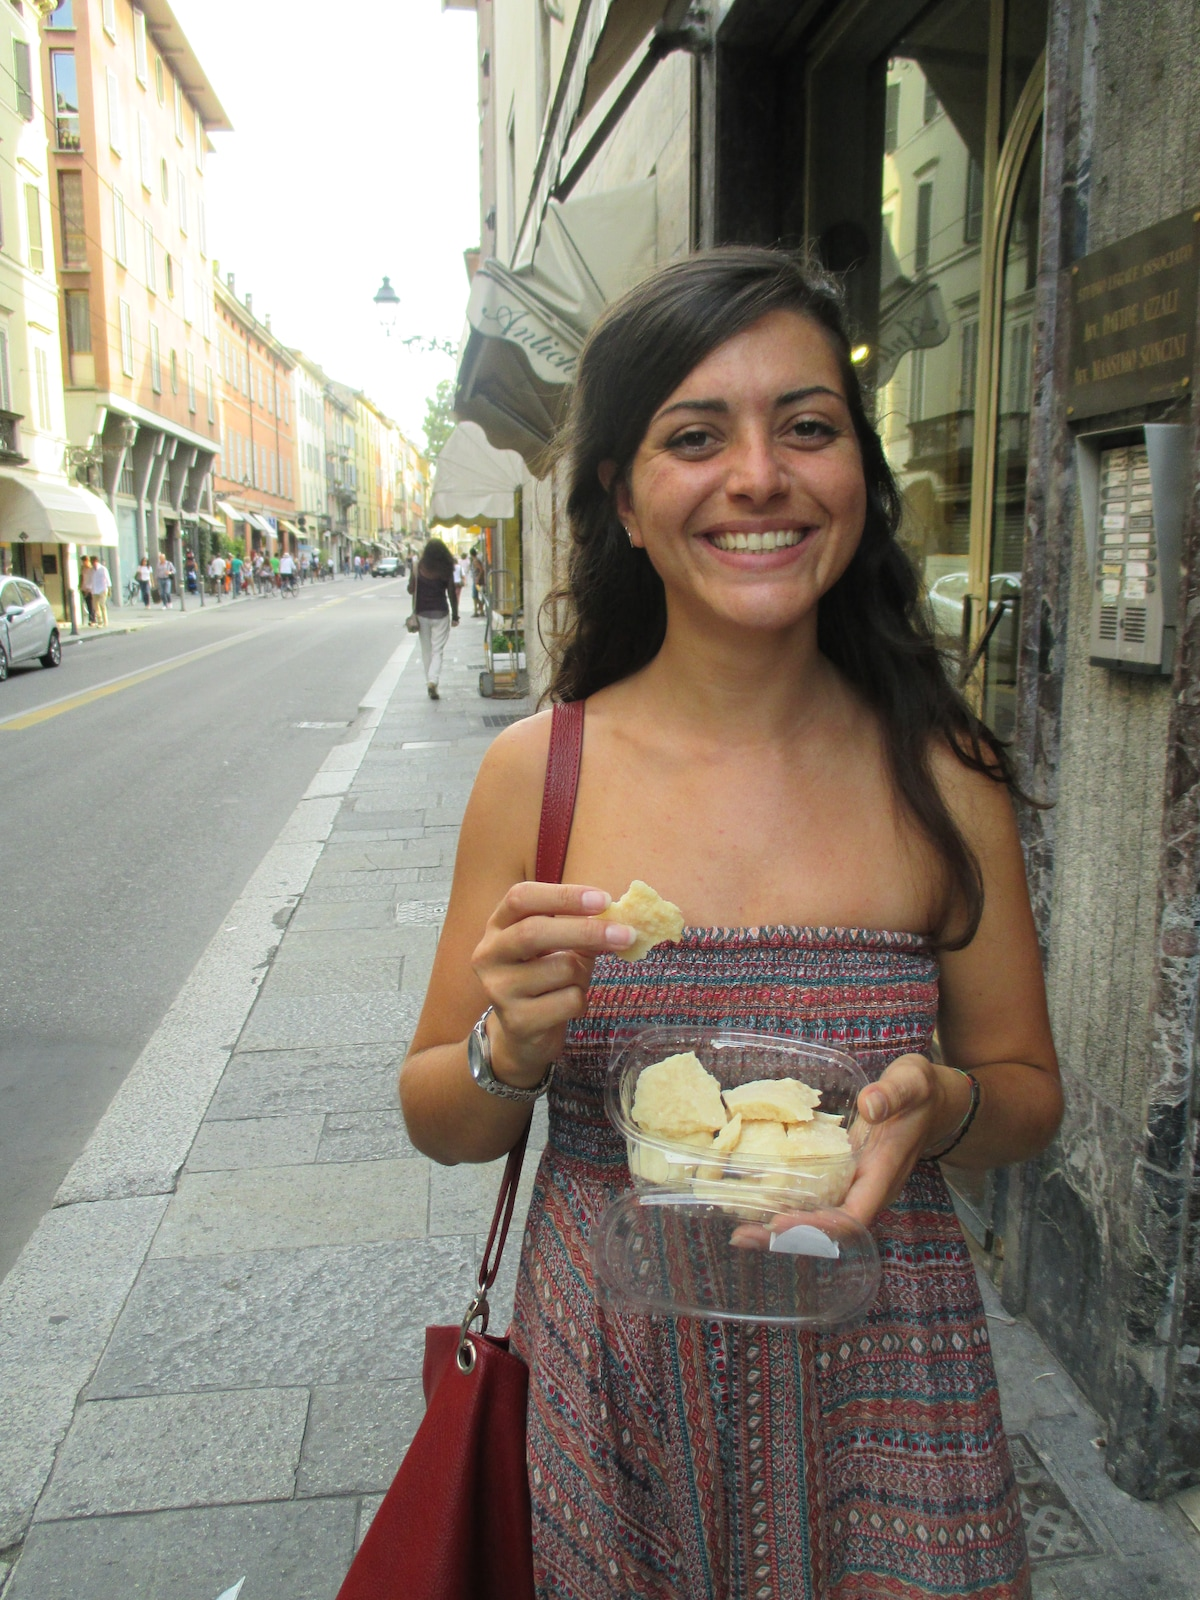 Francesca from Ancona